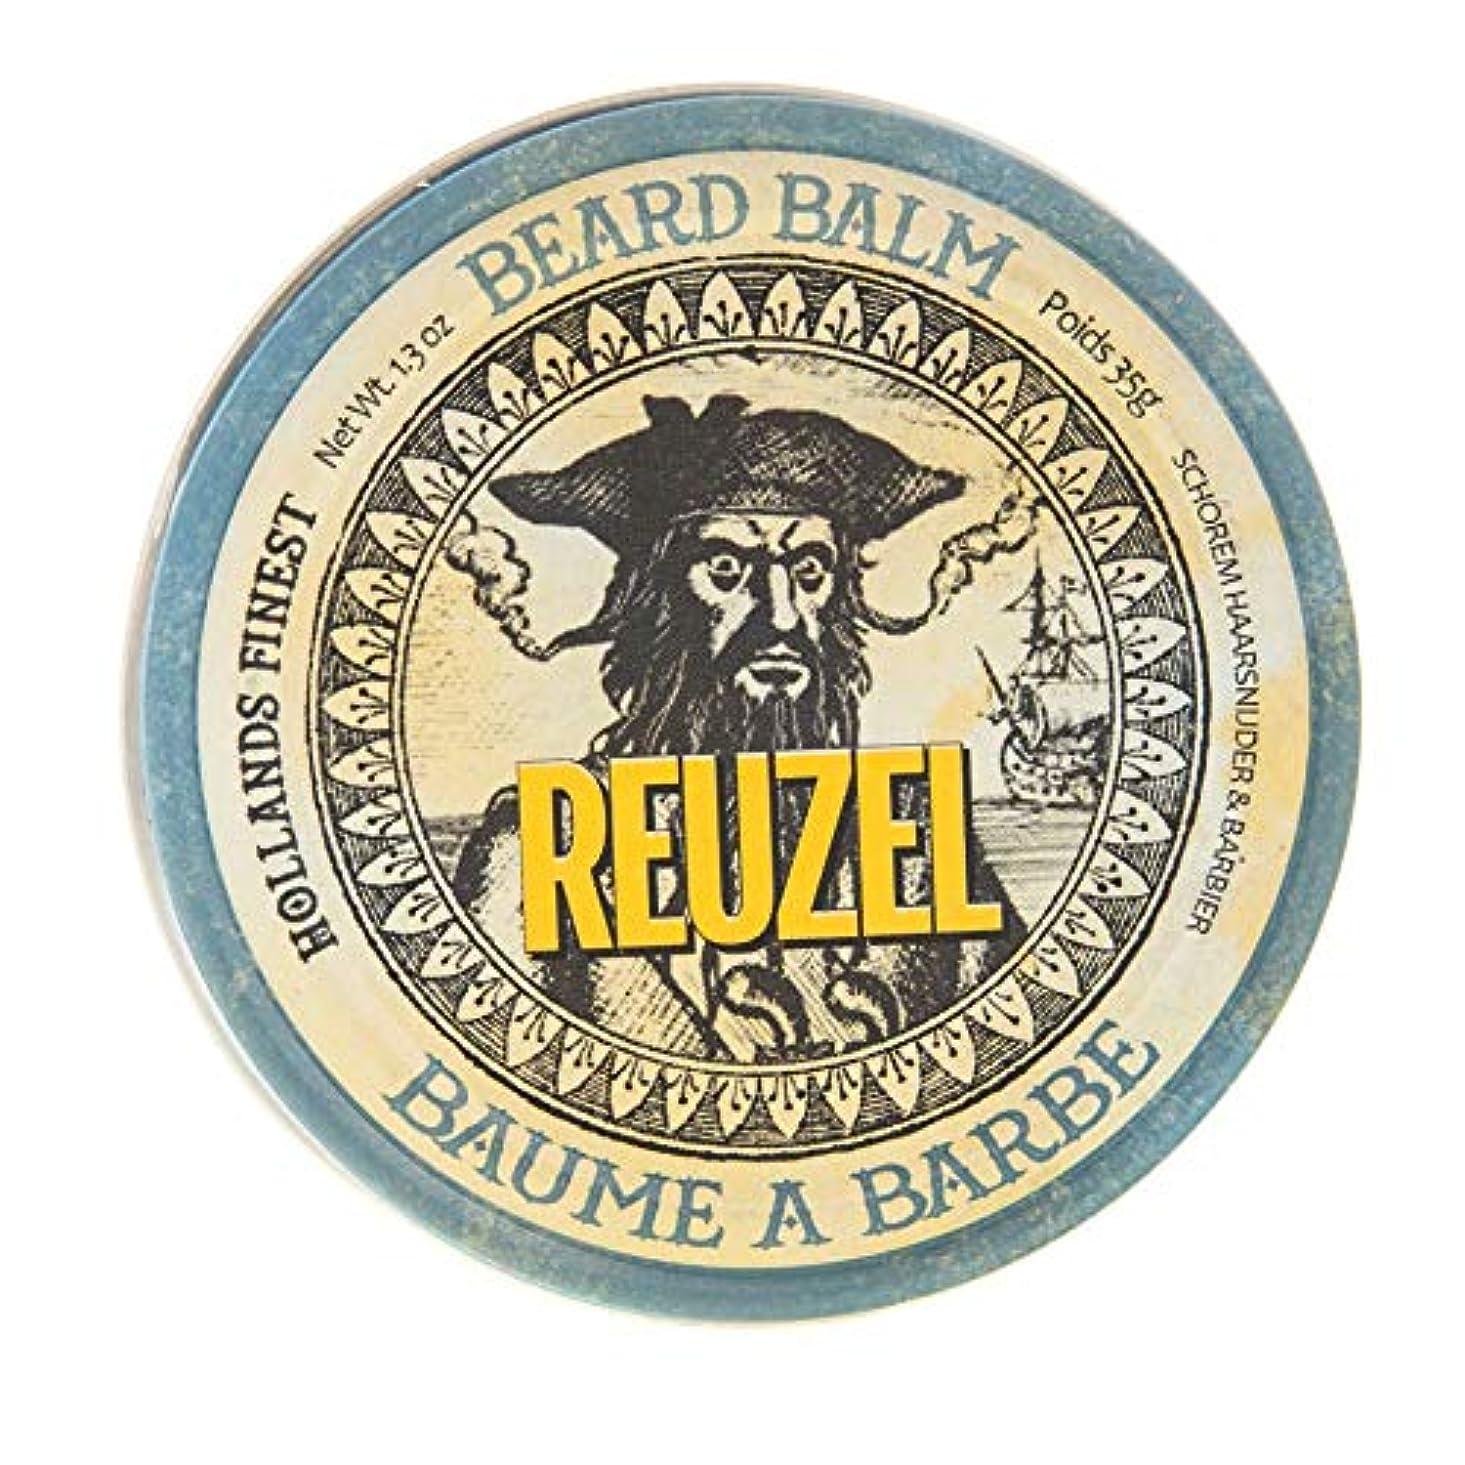 息を切らしてラブ彼らルーゾー ビアード バーム Reuzel Beard Balm 35 g [並行輸入品]